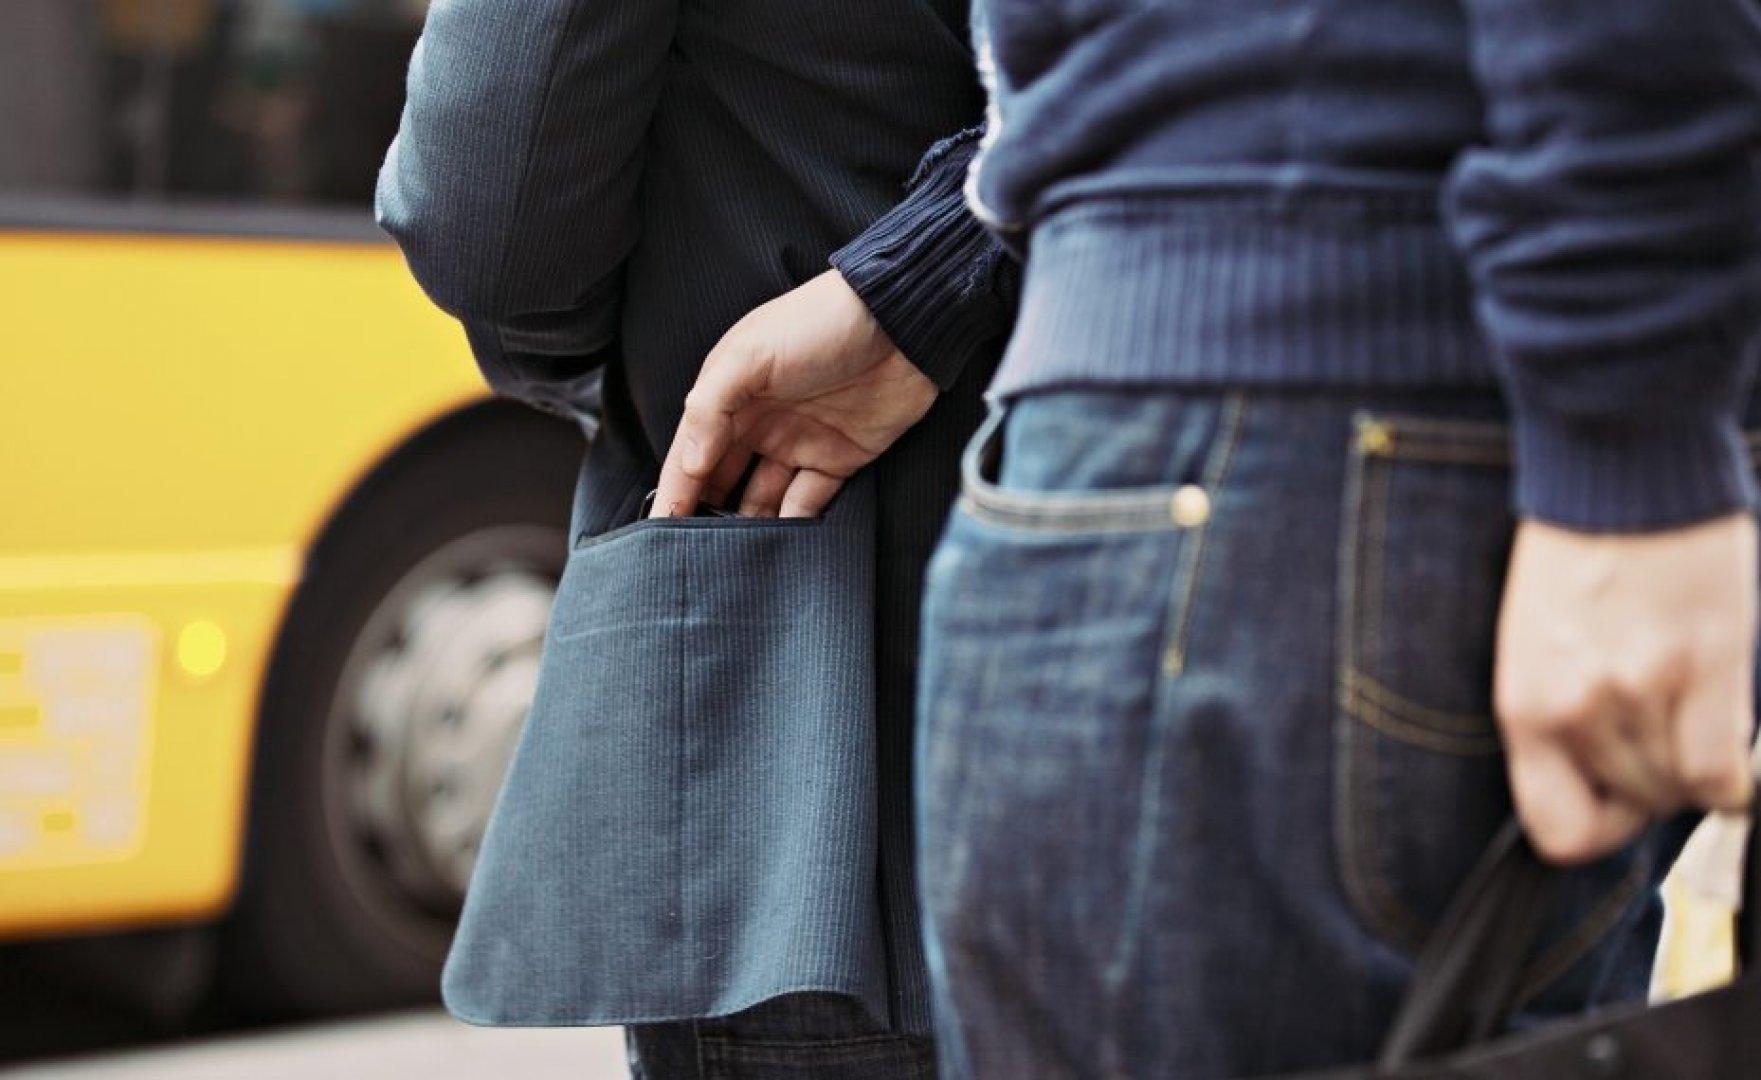 Воры и карманники в общественных местах